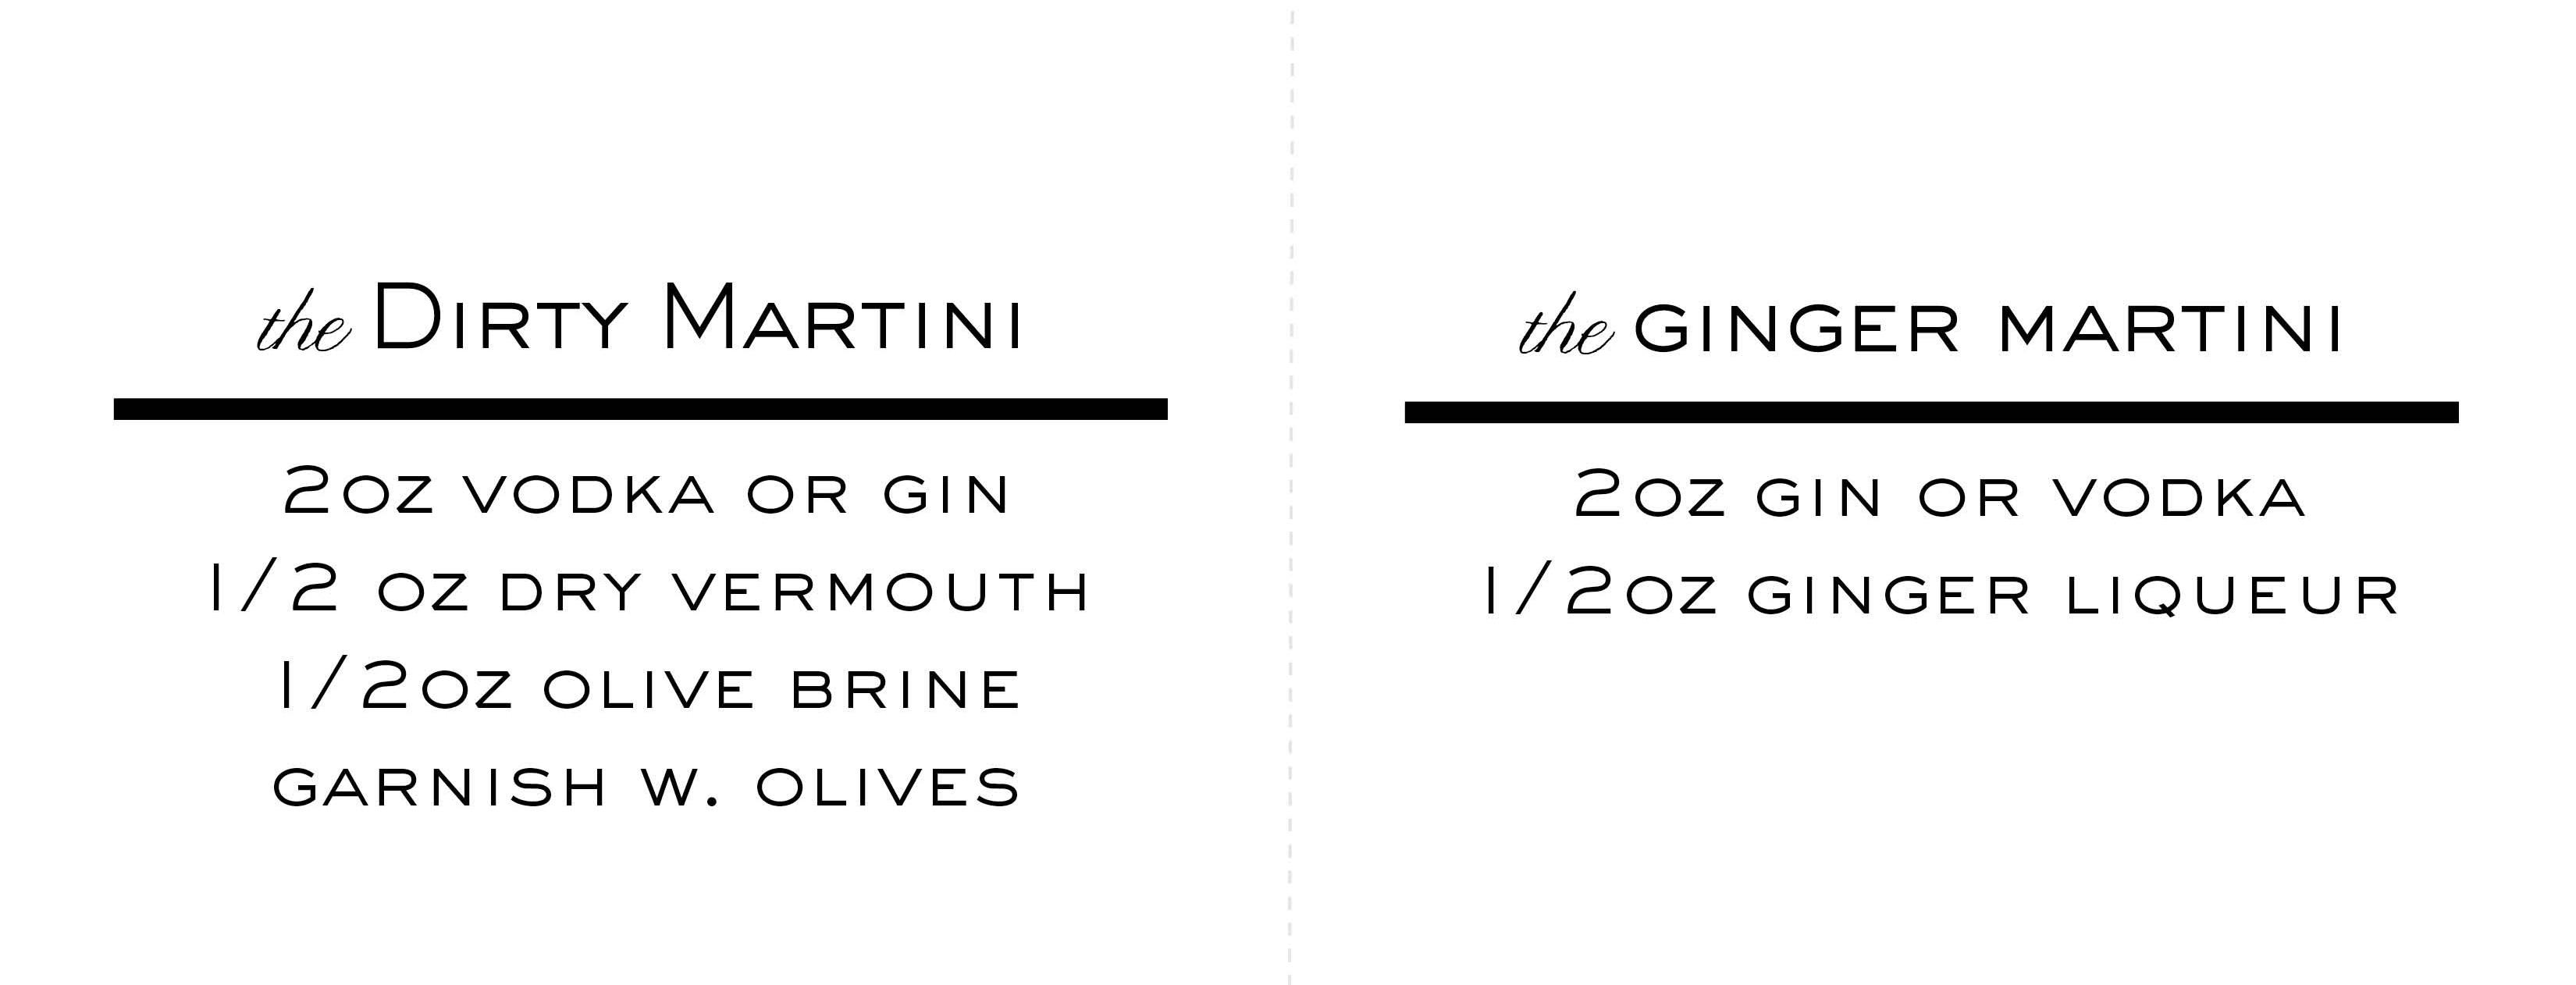 Martini Recipe Tent Cards2